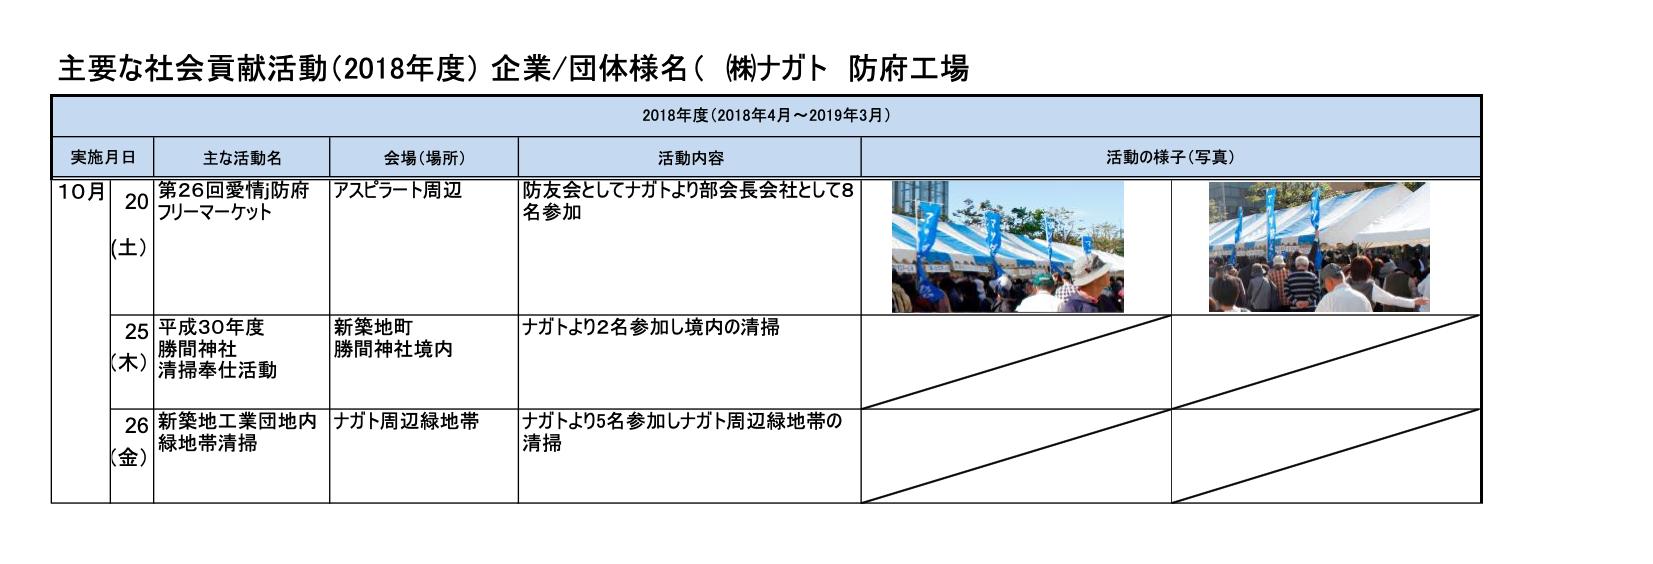 (株)ナガト 防府工場